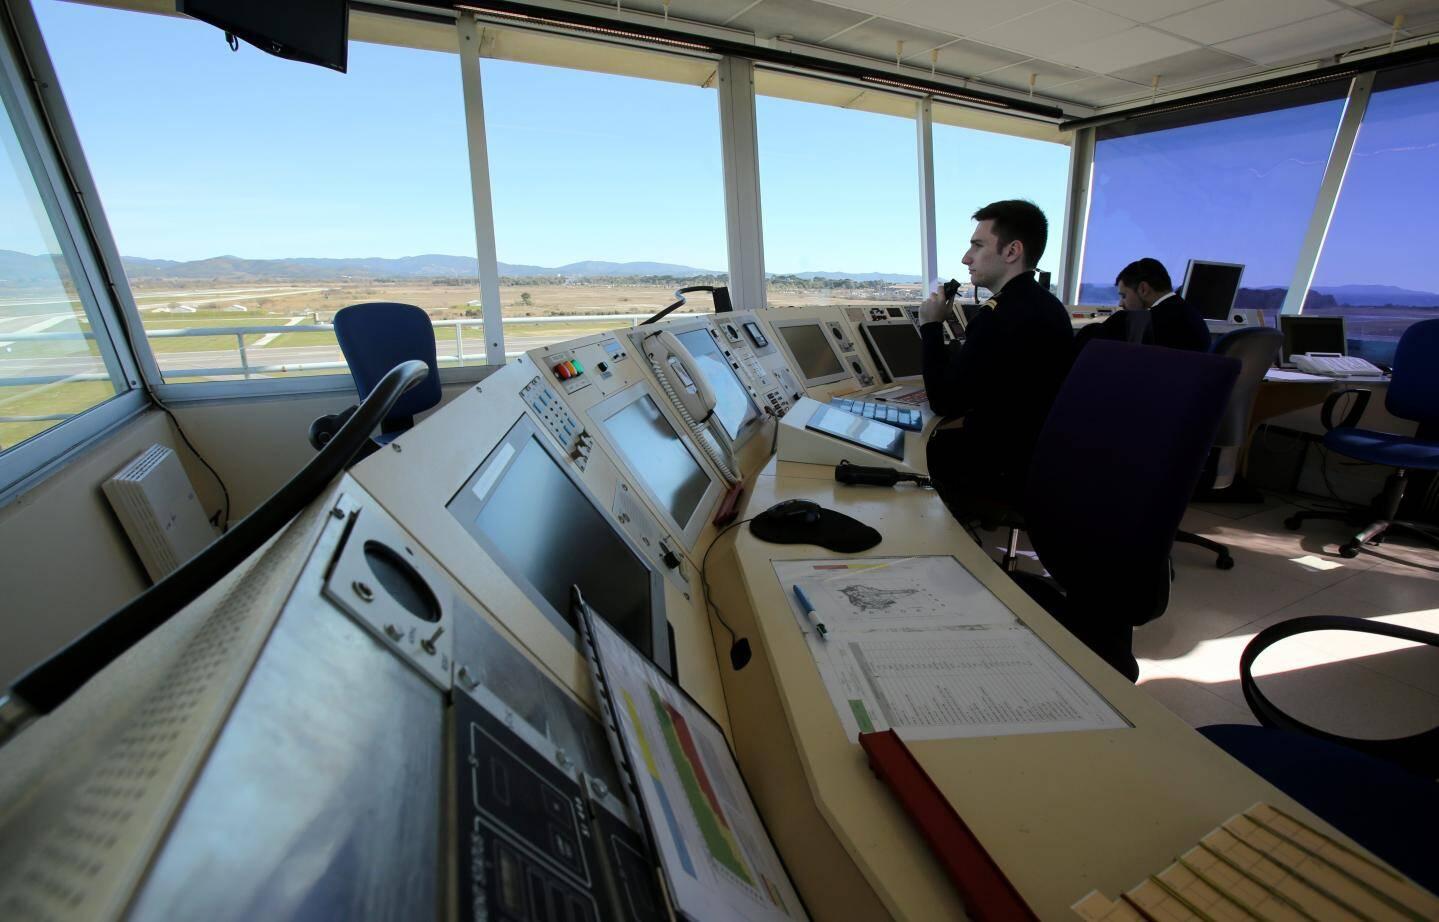 Trente et un contrôleurs aériens se relaient 24/24h à la tour de contrôle pour réguler le trafic civil et militaire de l'aéroport hyérois.